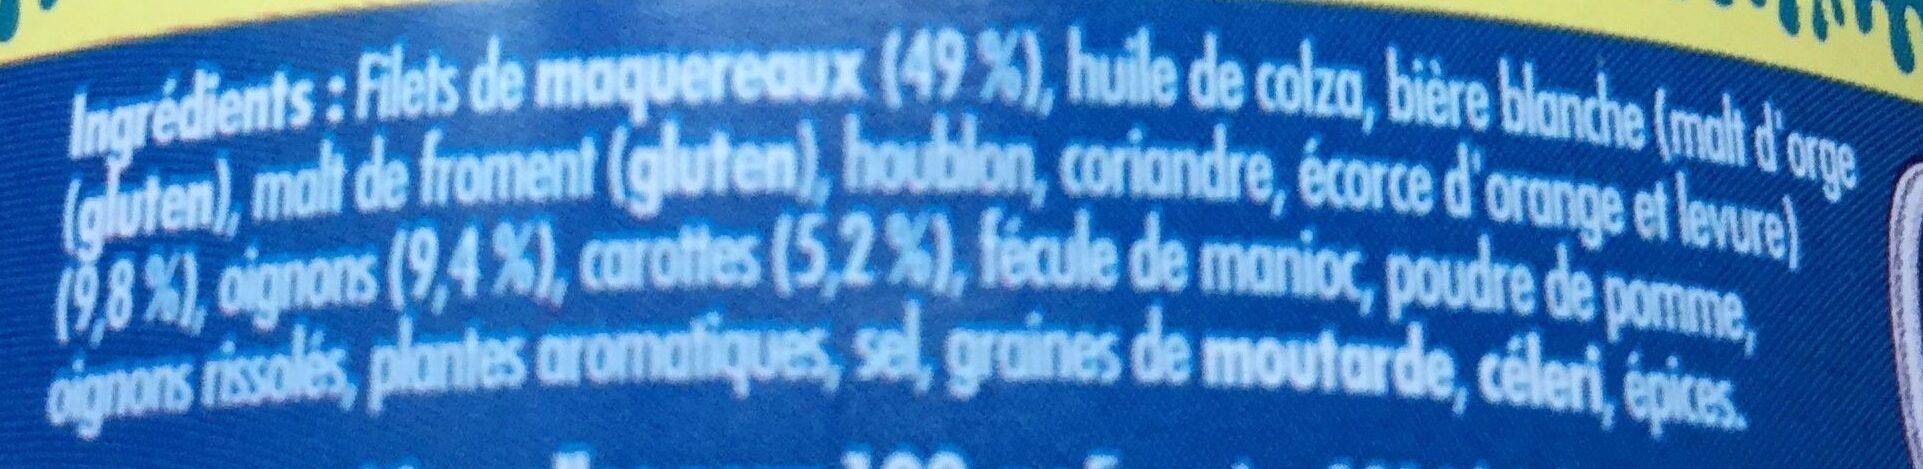 Emietté de maquereaux à la bière blanche - Ingrediënten - fr